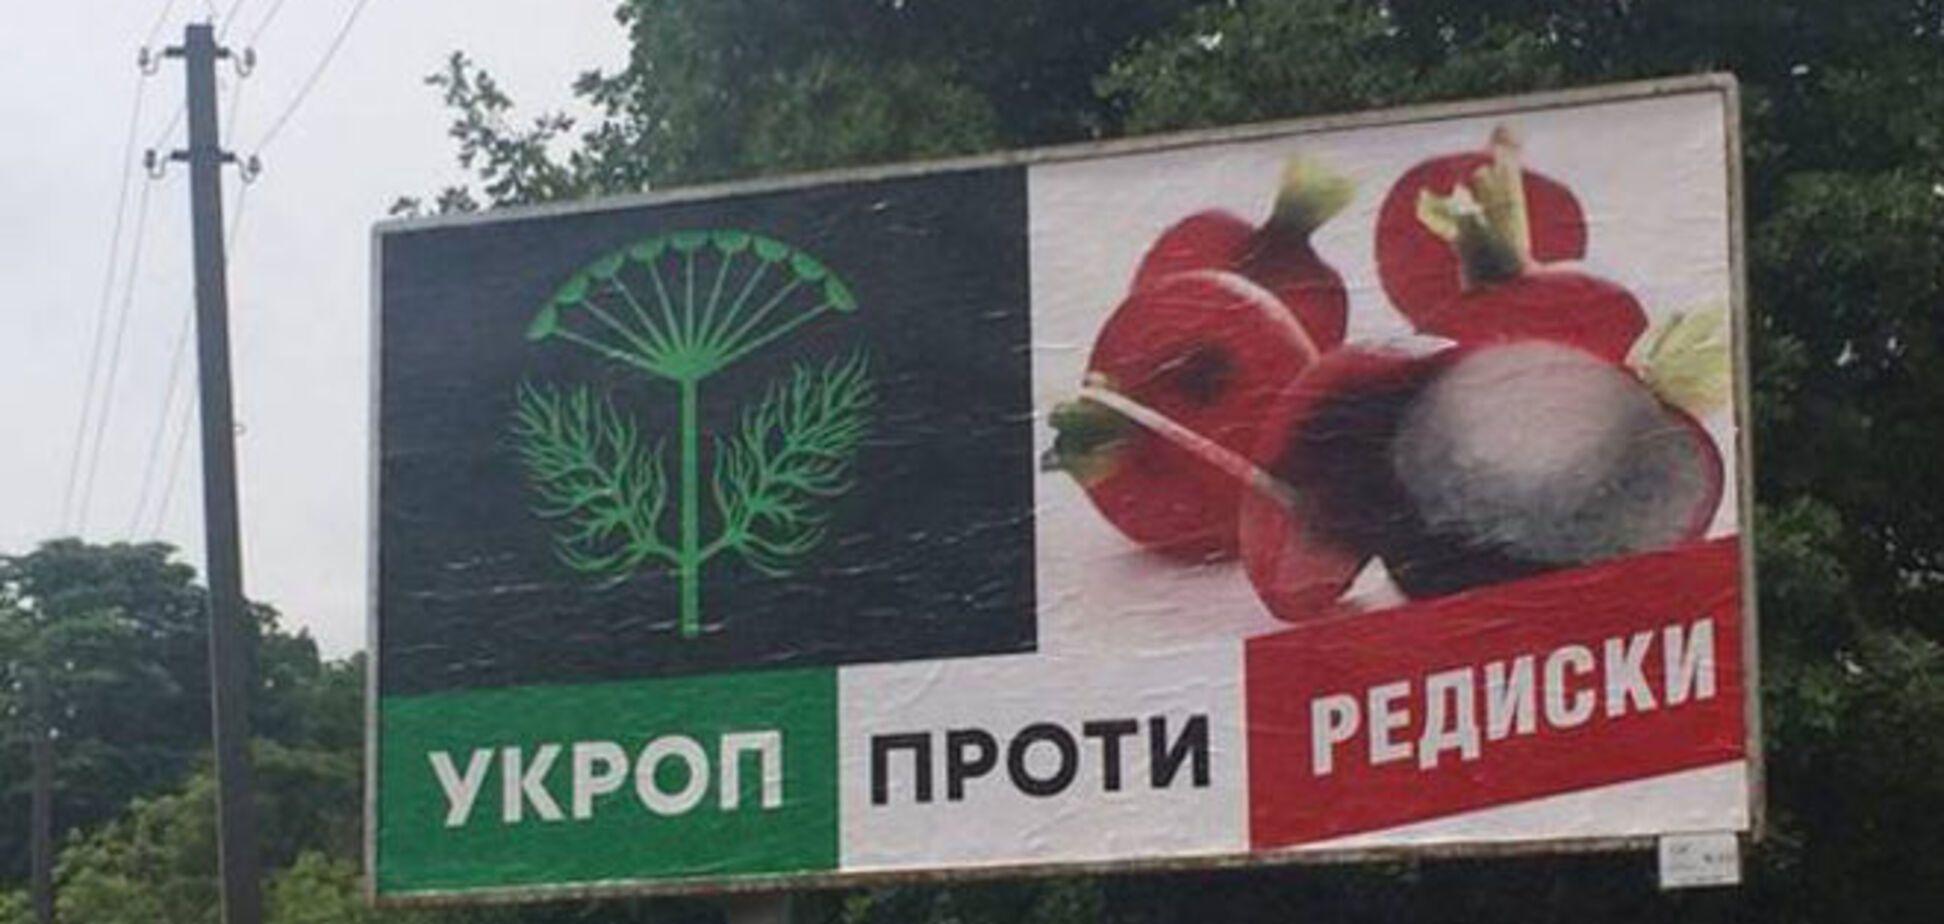 Украинцы хотели бы видеть УКРОП в Раде - соцопрос